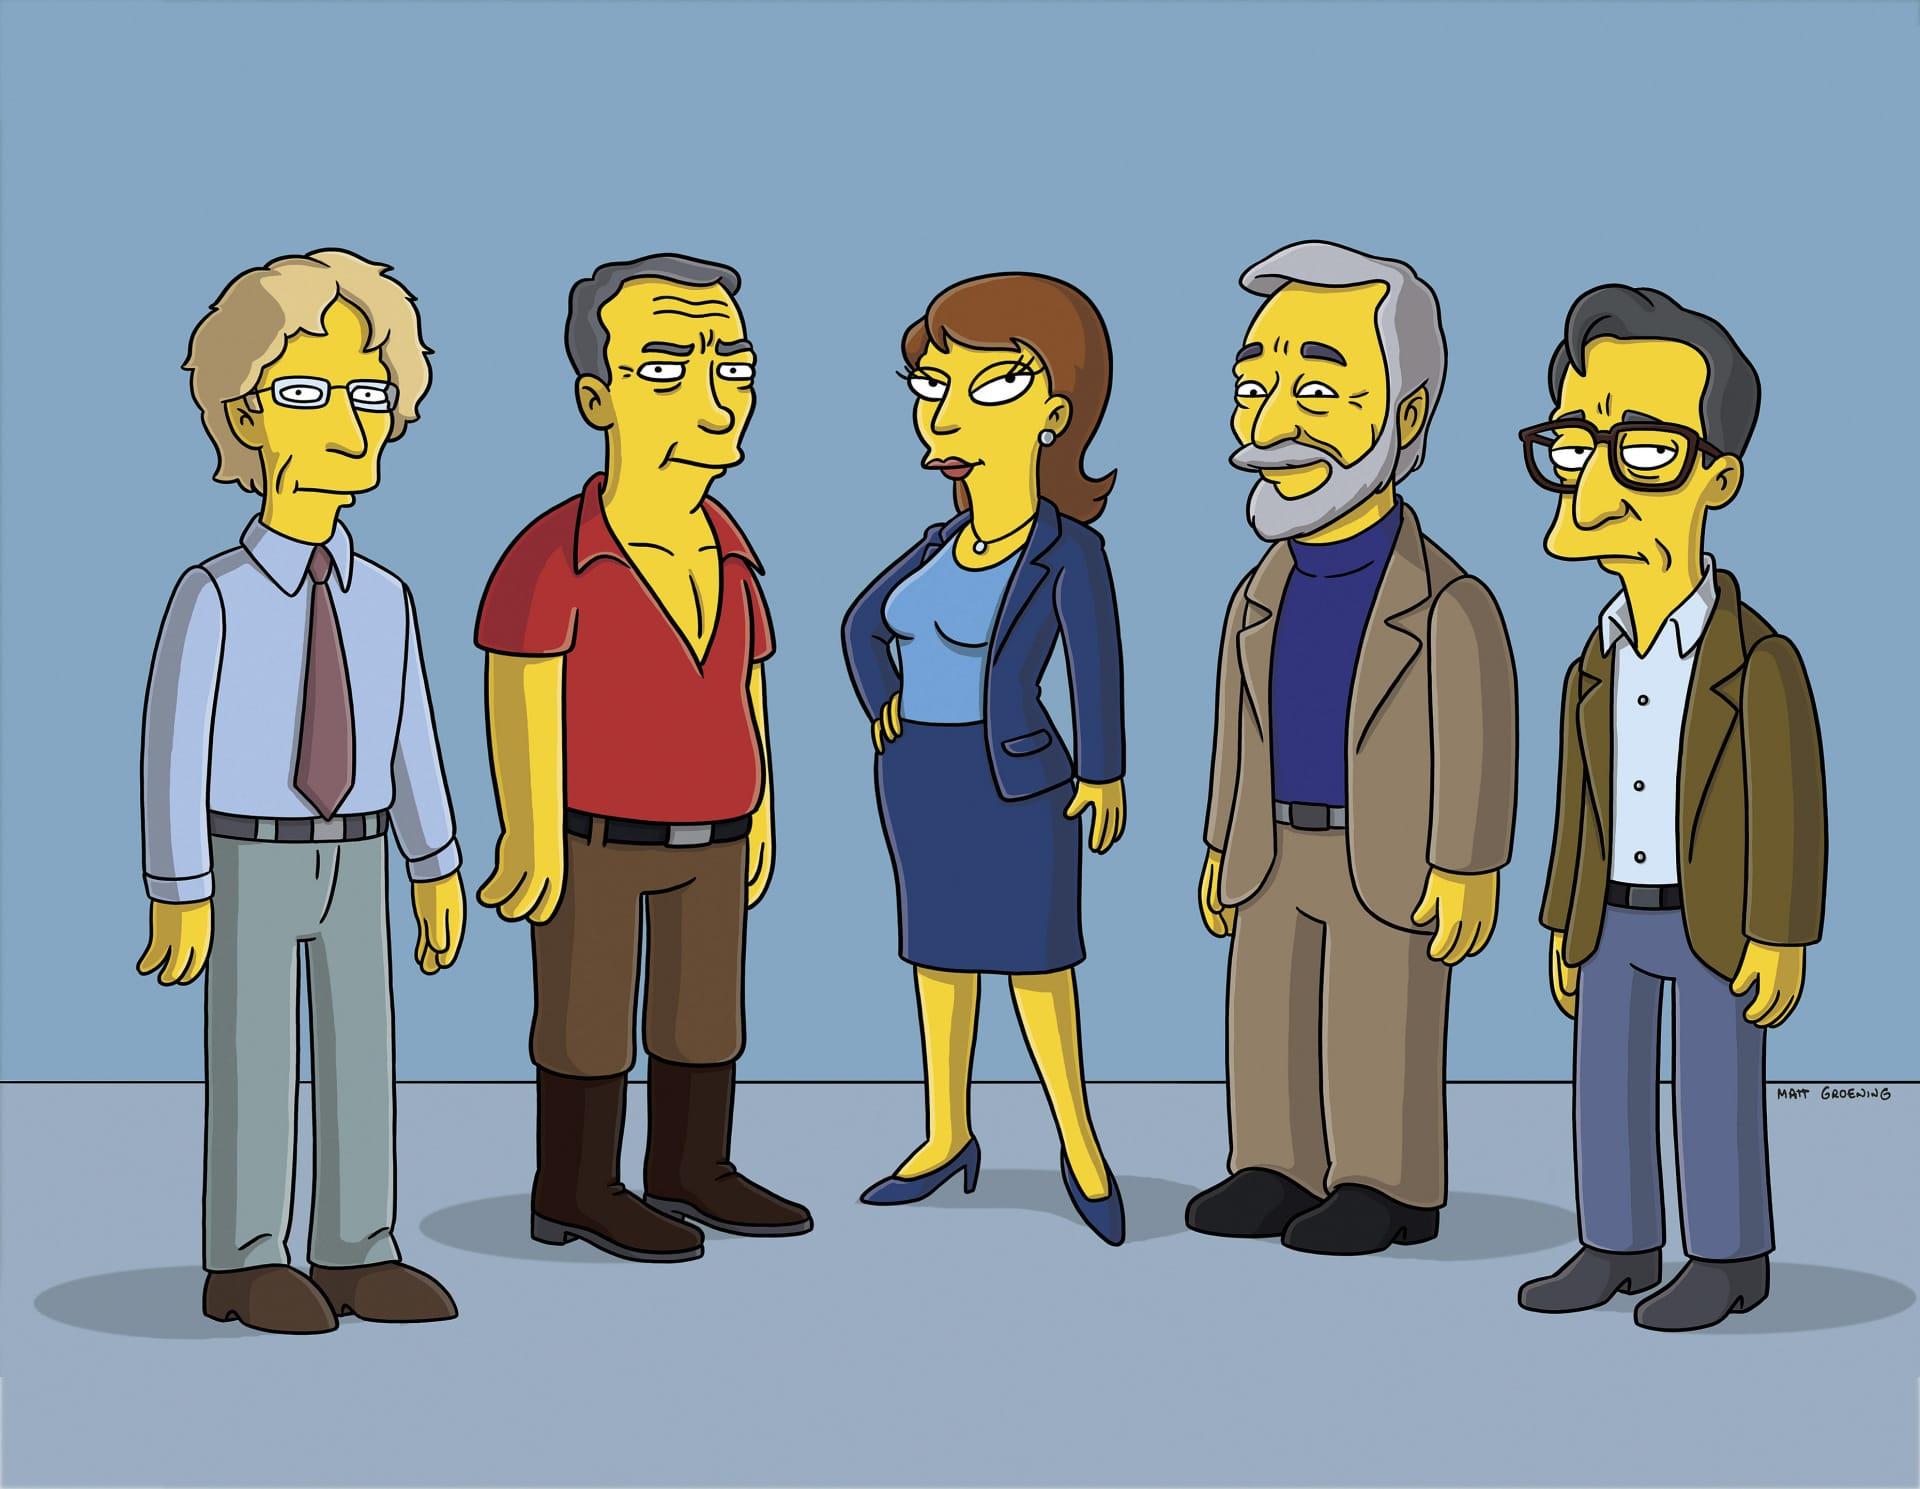 Les Simpson - Mariage plus vieux, mariage heureux